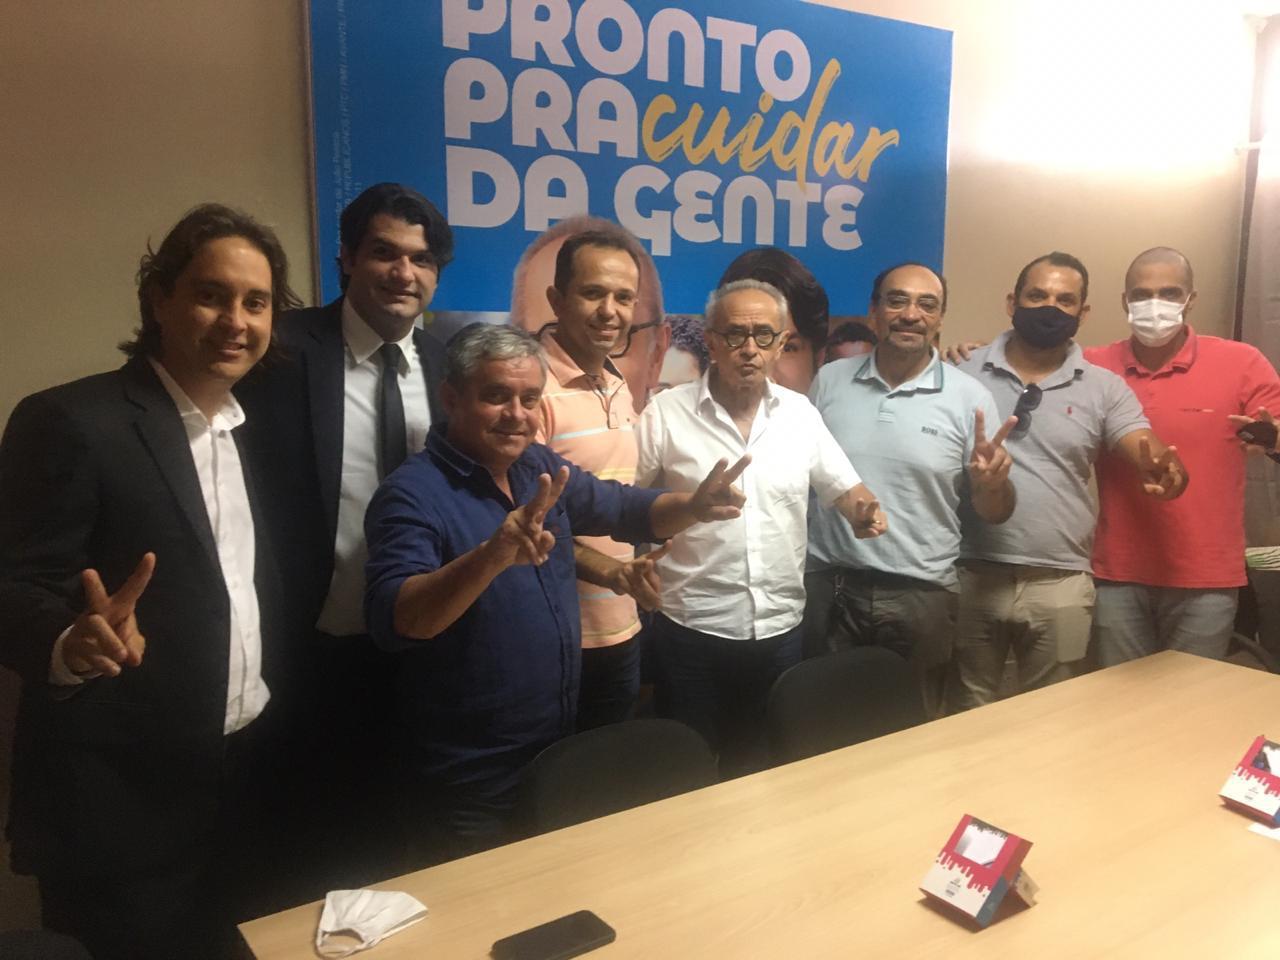 b6d22cc0 68c0 4158 86a7 2fe9d44f259a - Cícero Lucena ganha apoio de vereadores eleitos em João Pessoa